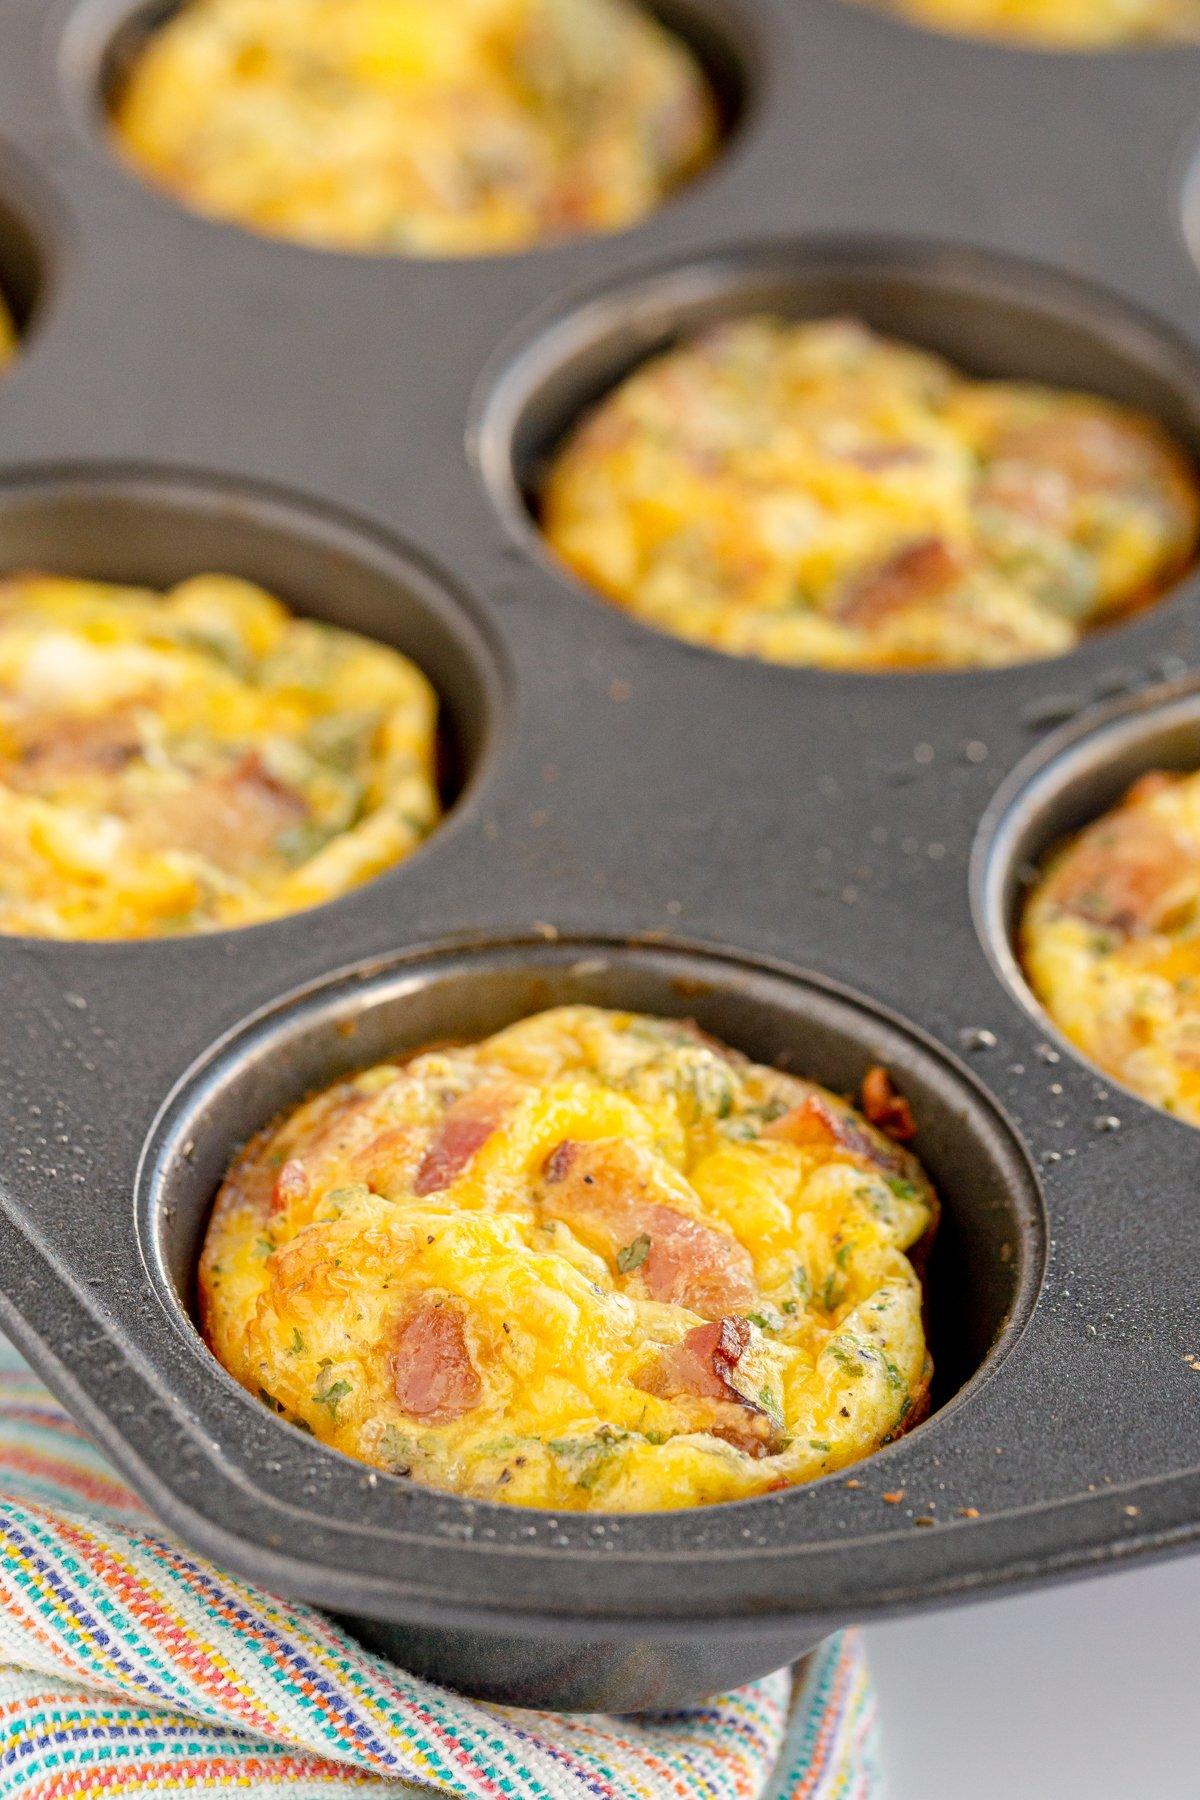 breakfast muffins in a muffin tin